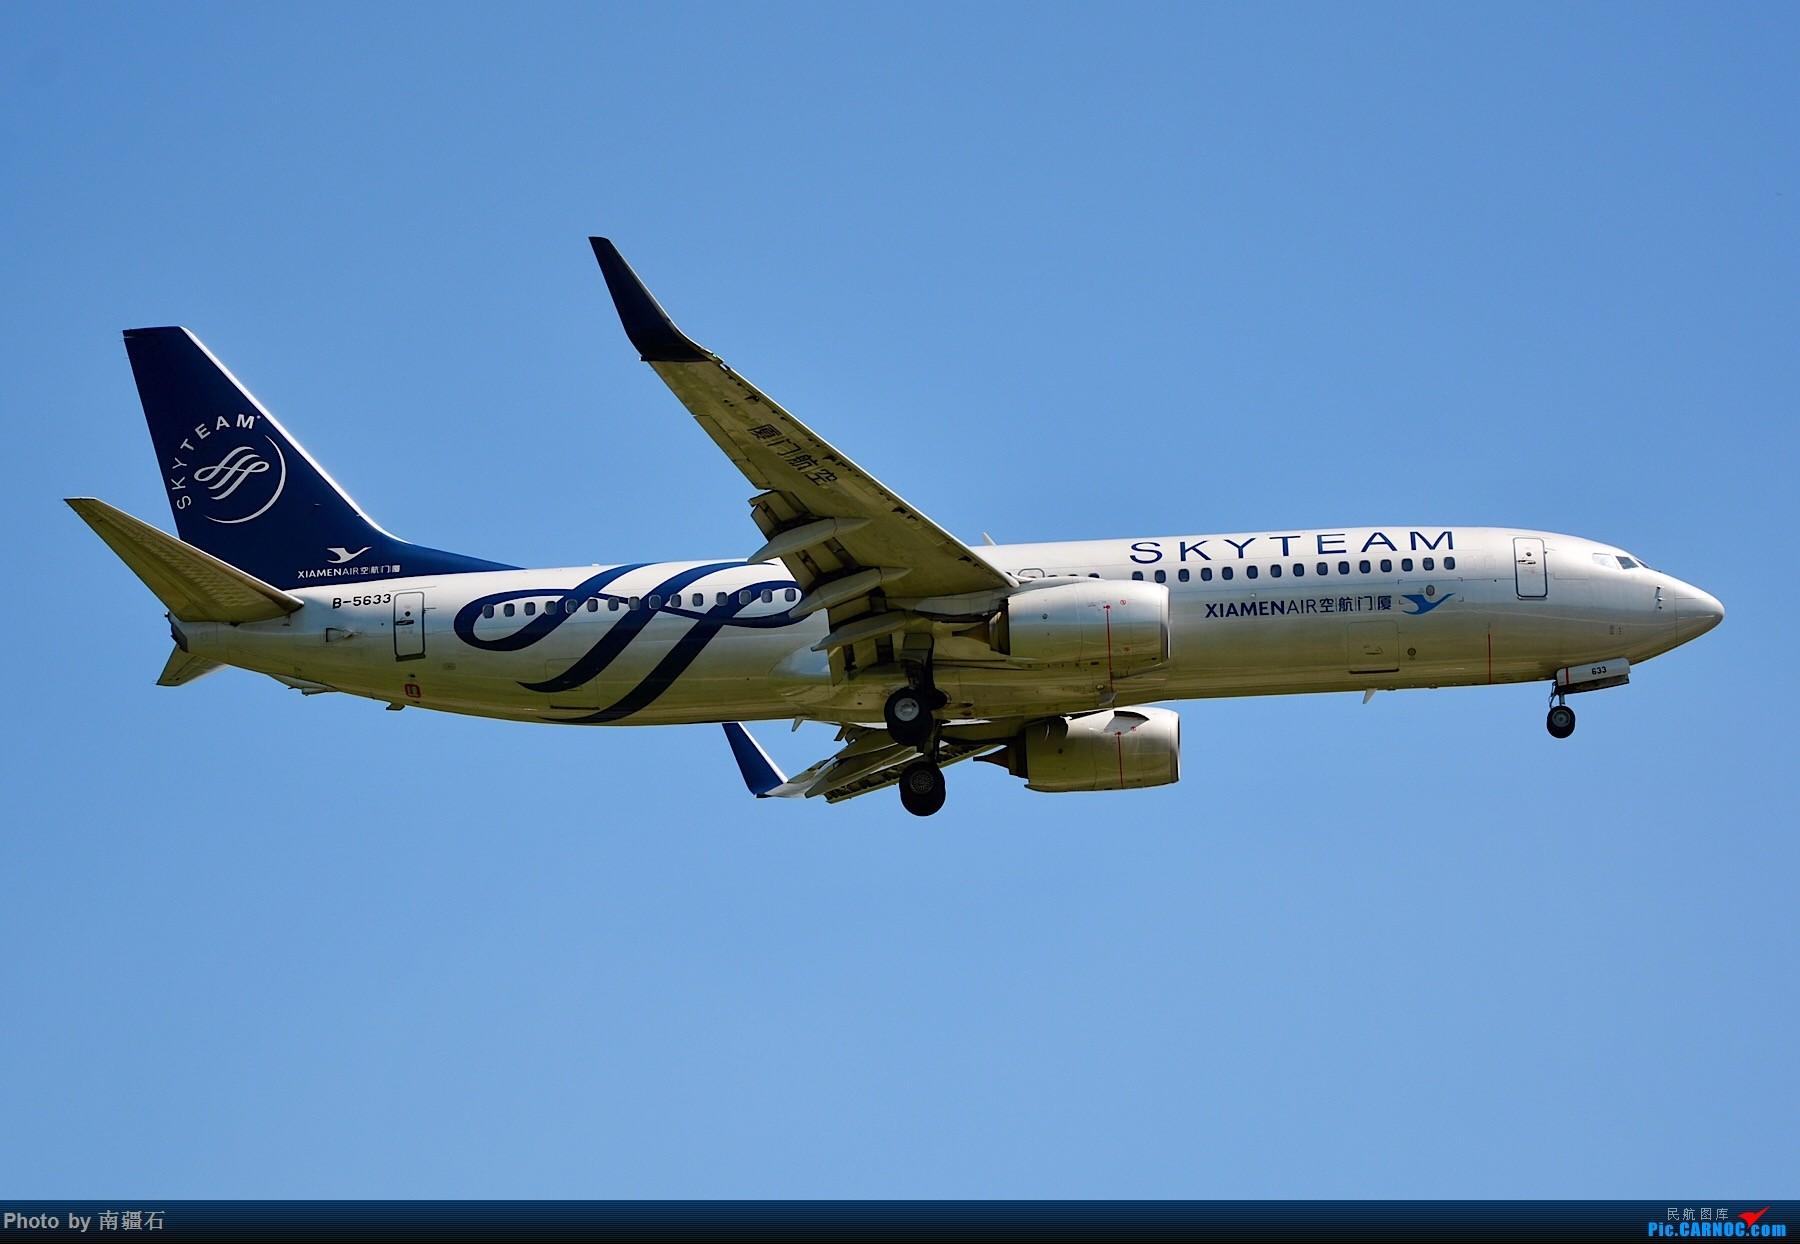 Re:[原创]CTU 9.6 20R降落精选几张 BOEING 737-800 B-5633 中国成都双流国际机场